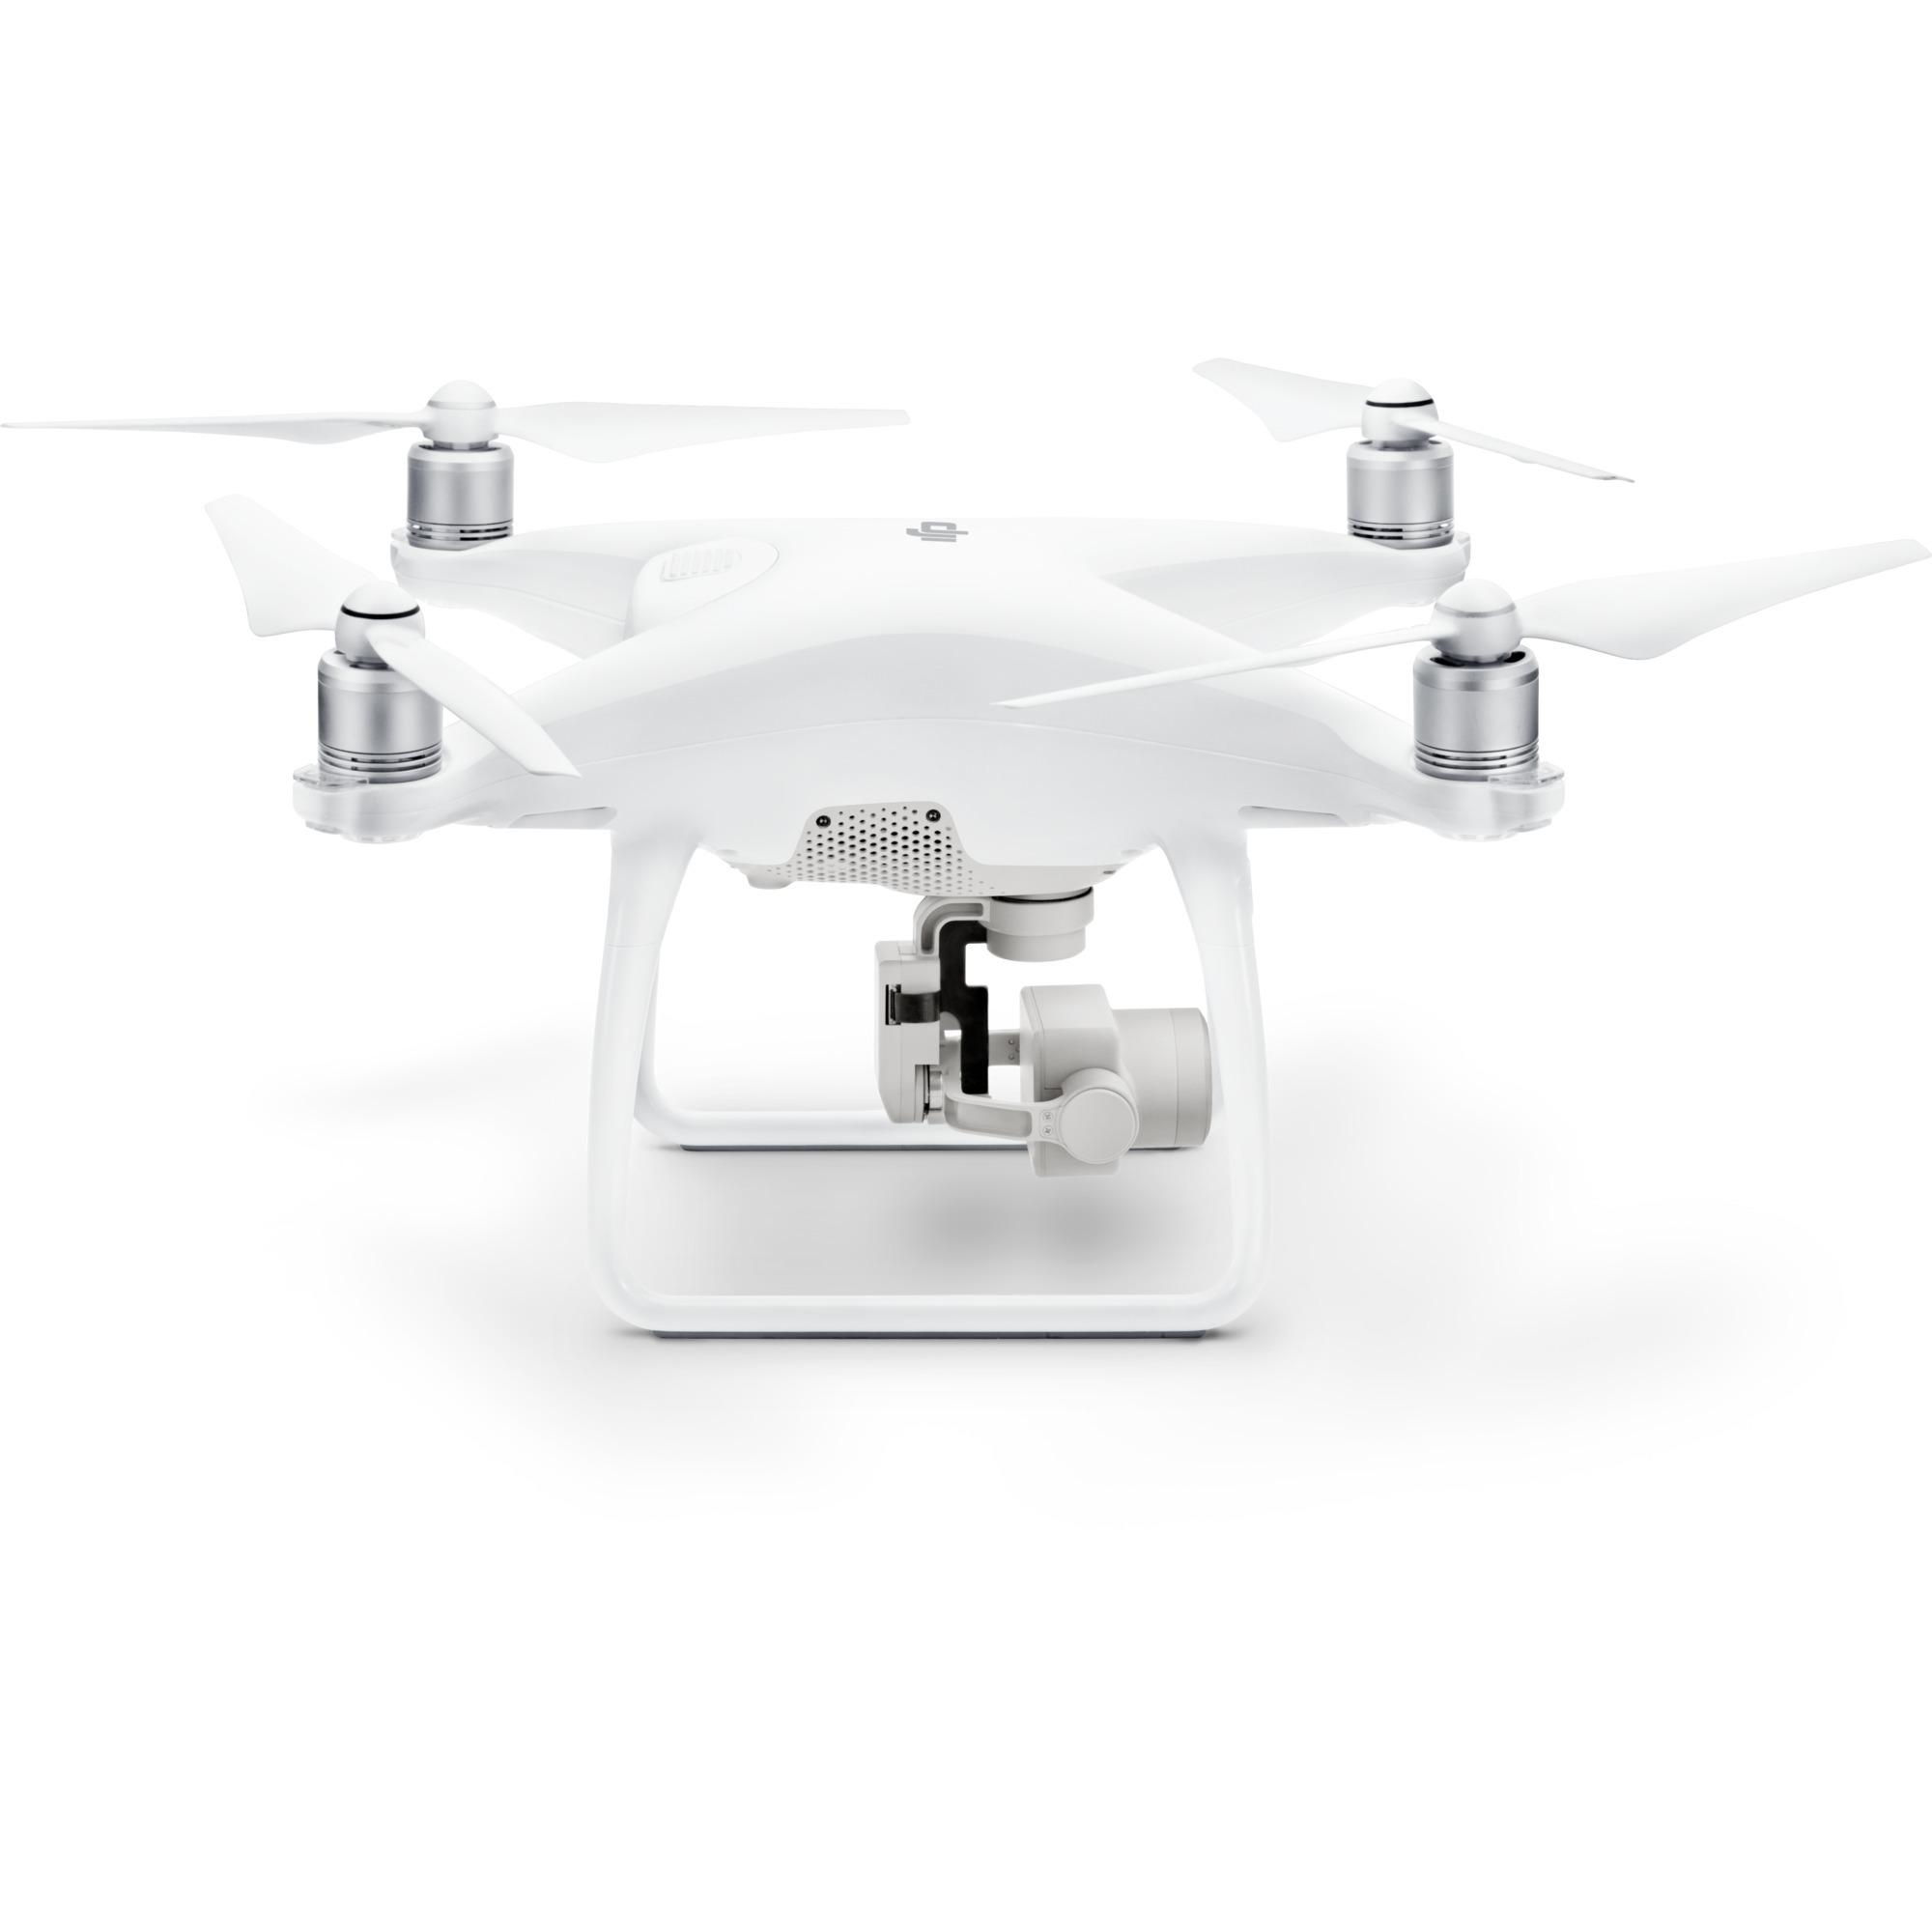 Phantom 4 Advanced 4rotors 20MP 4096 x 2160pixels 5870mAh Blanc caméra drone